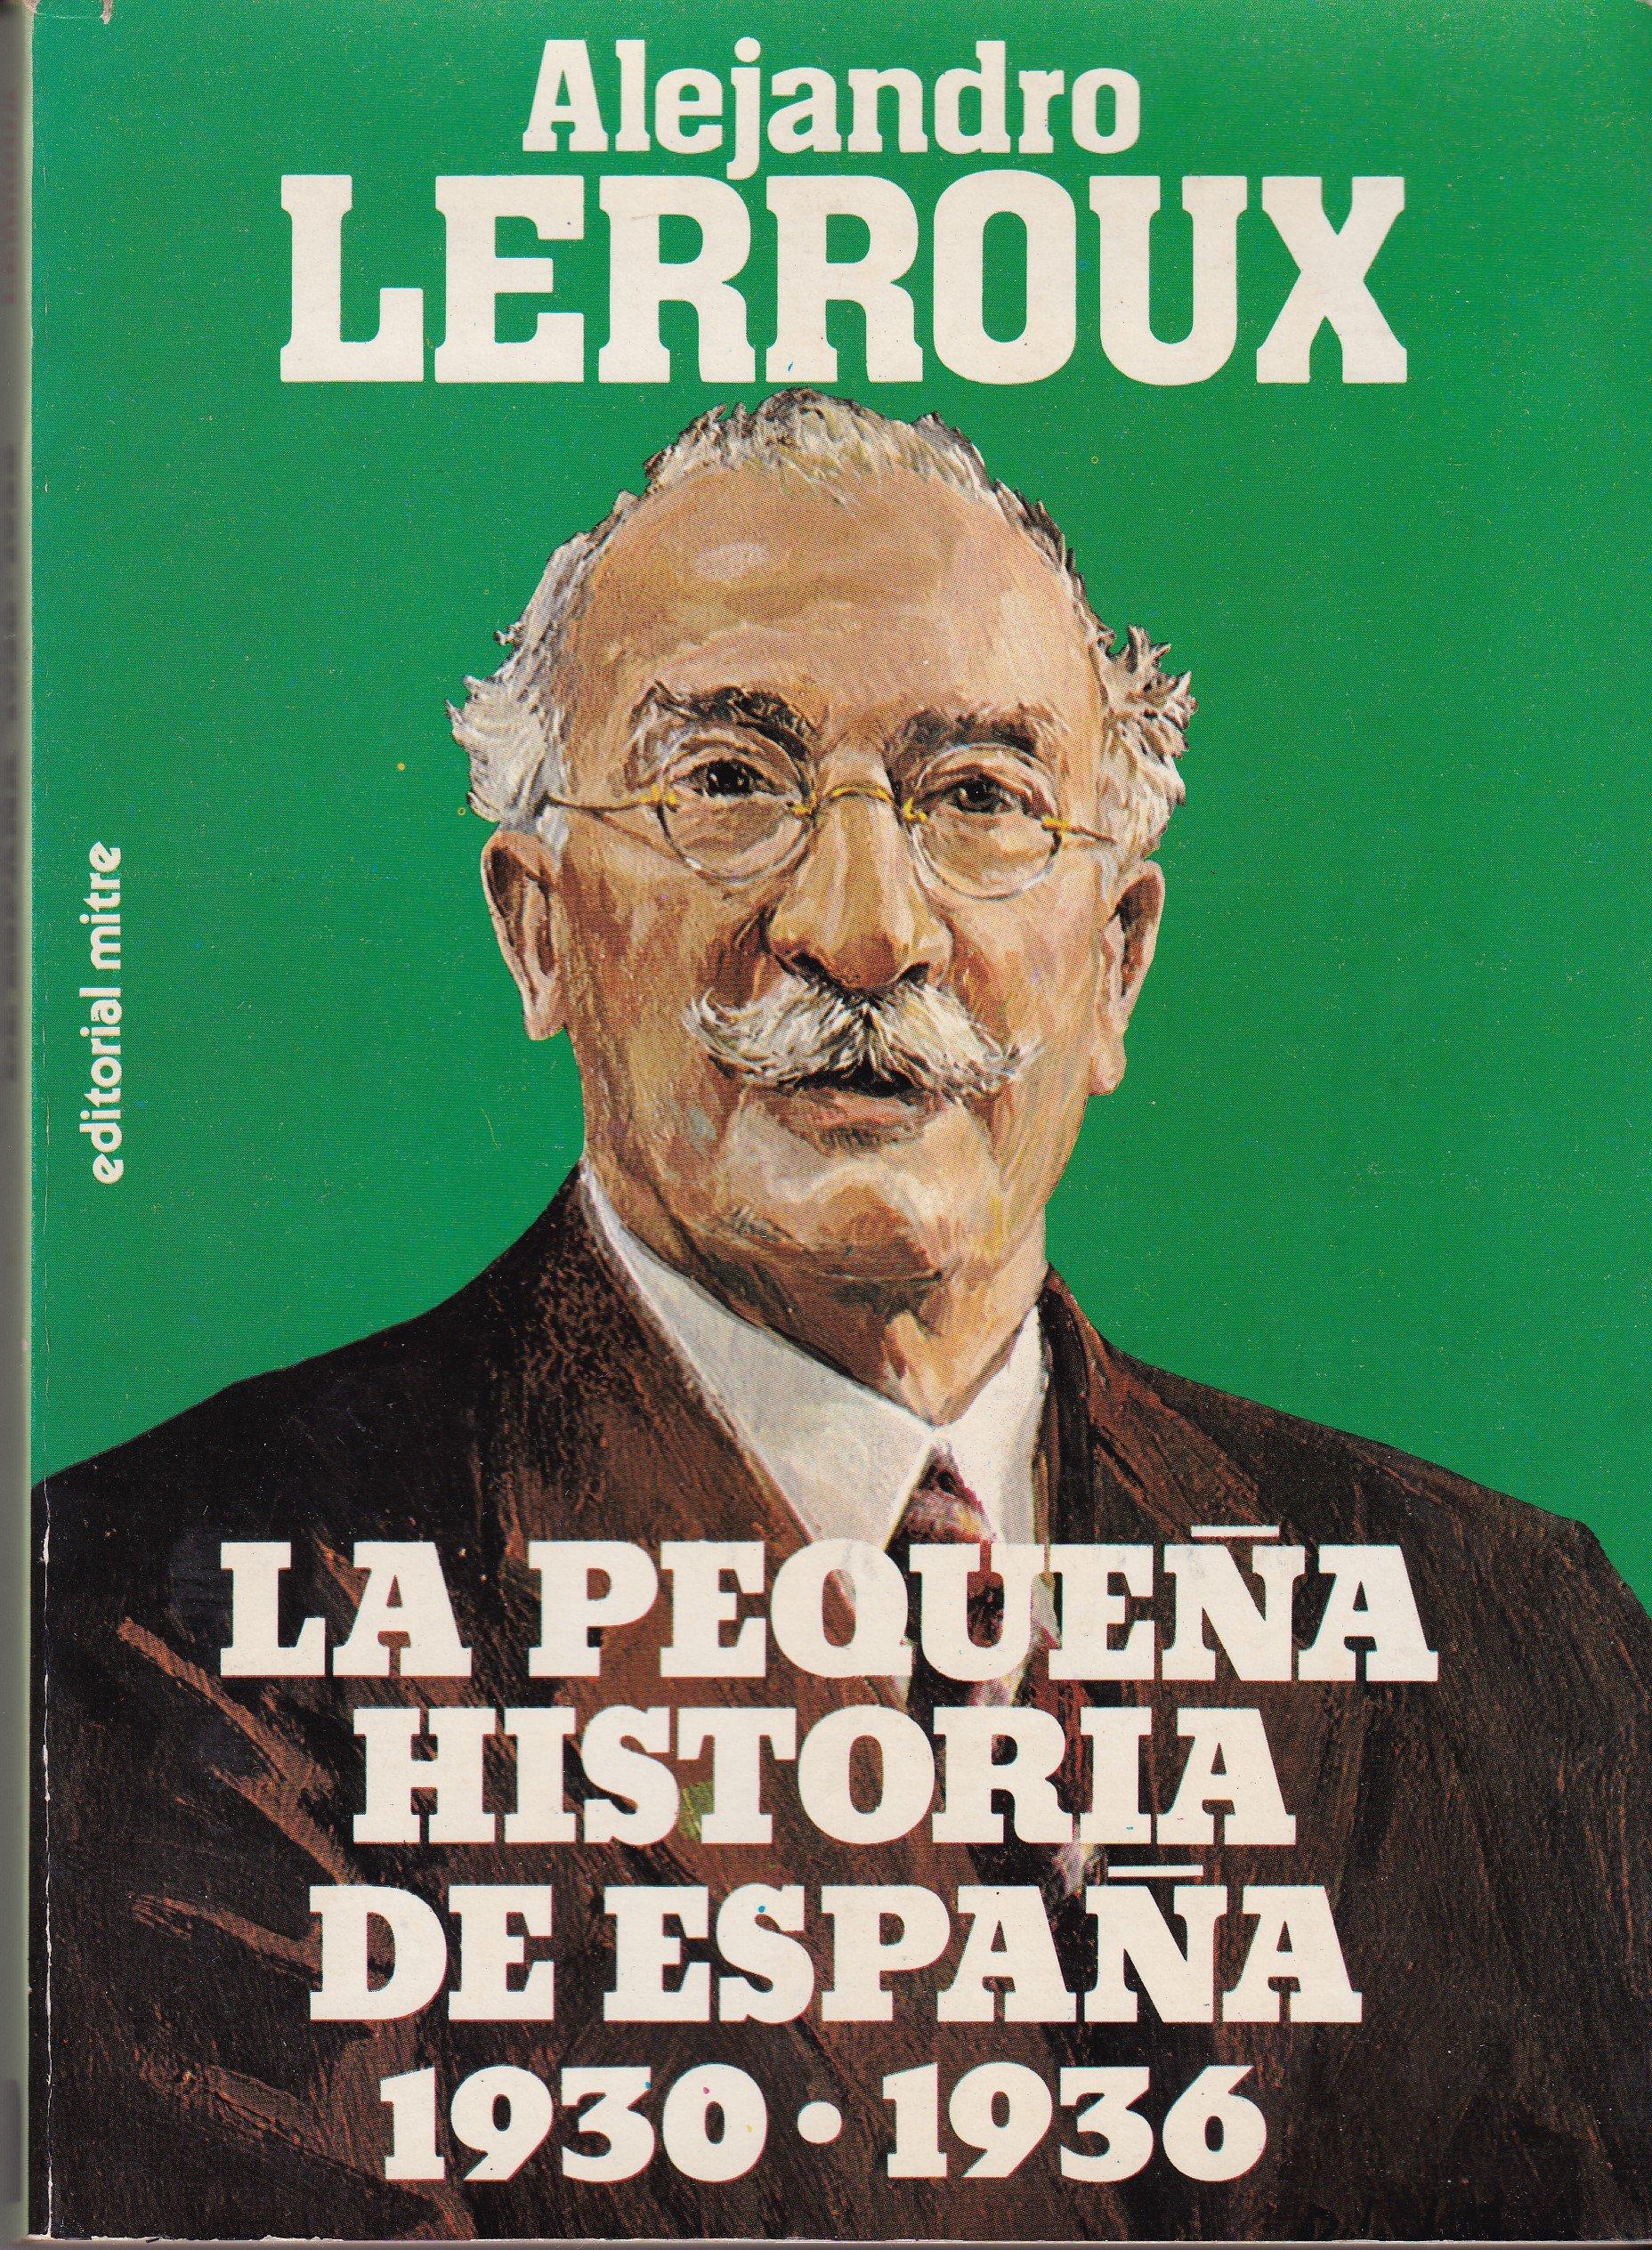 La pequeña historia de España: 1930-1936: Amazon.es: Lerroux, Alejandro: Libros